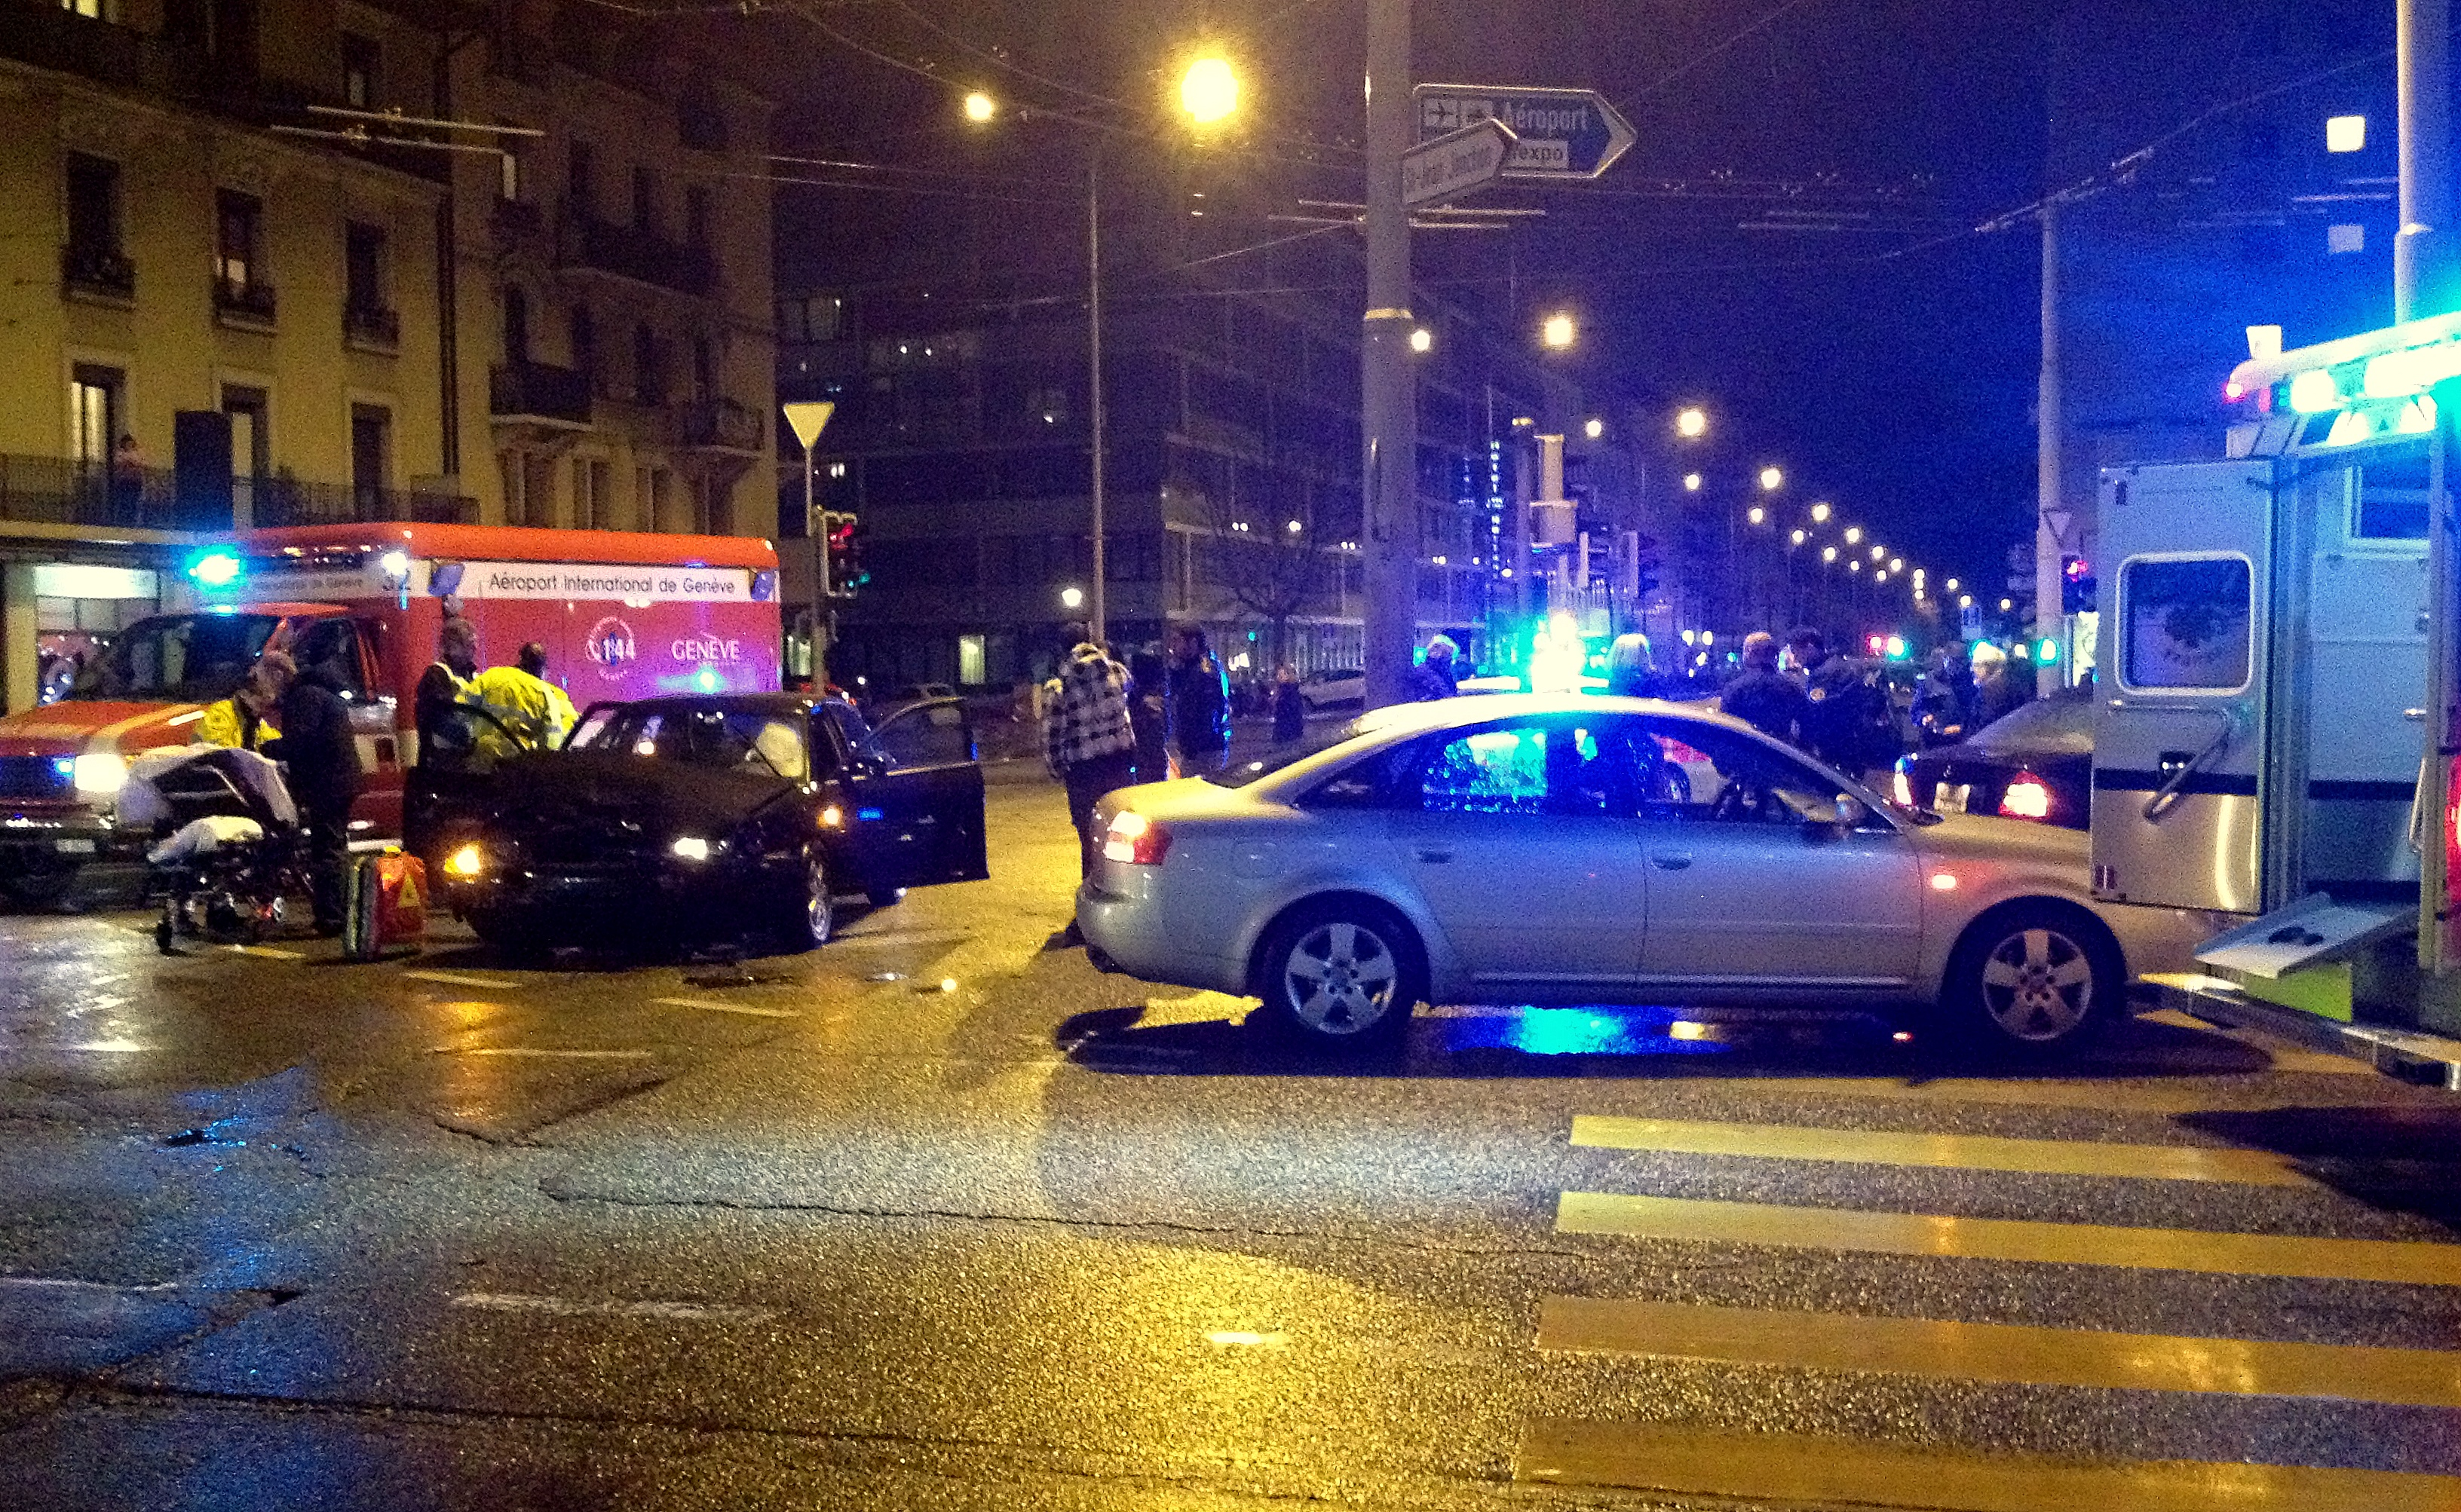 accident de la route ayant provoqué de nombreuses victimes